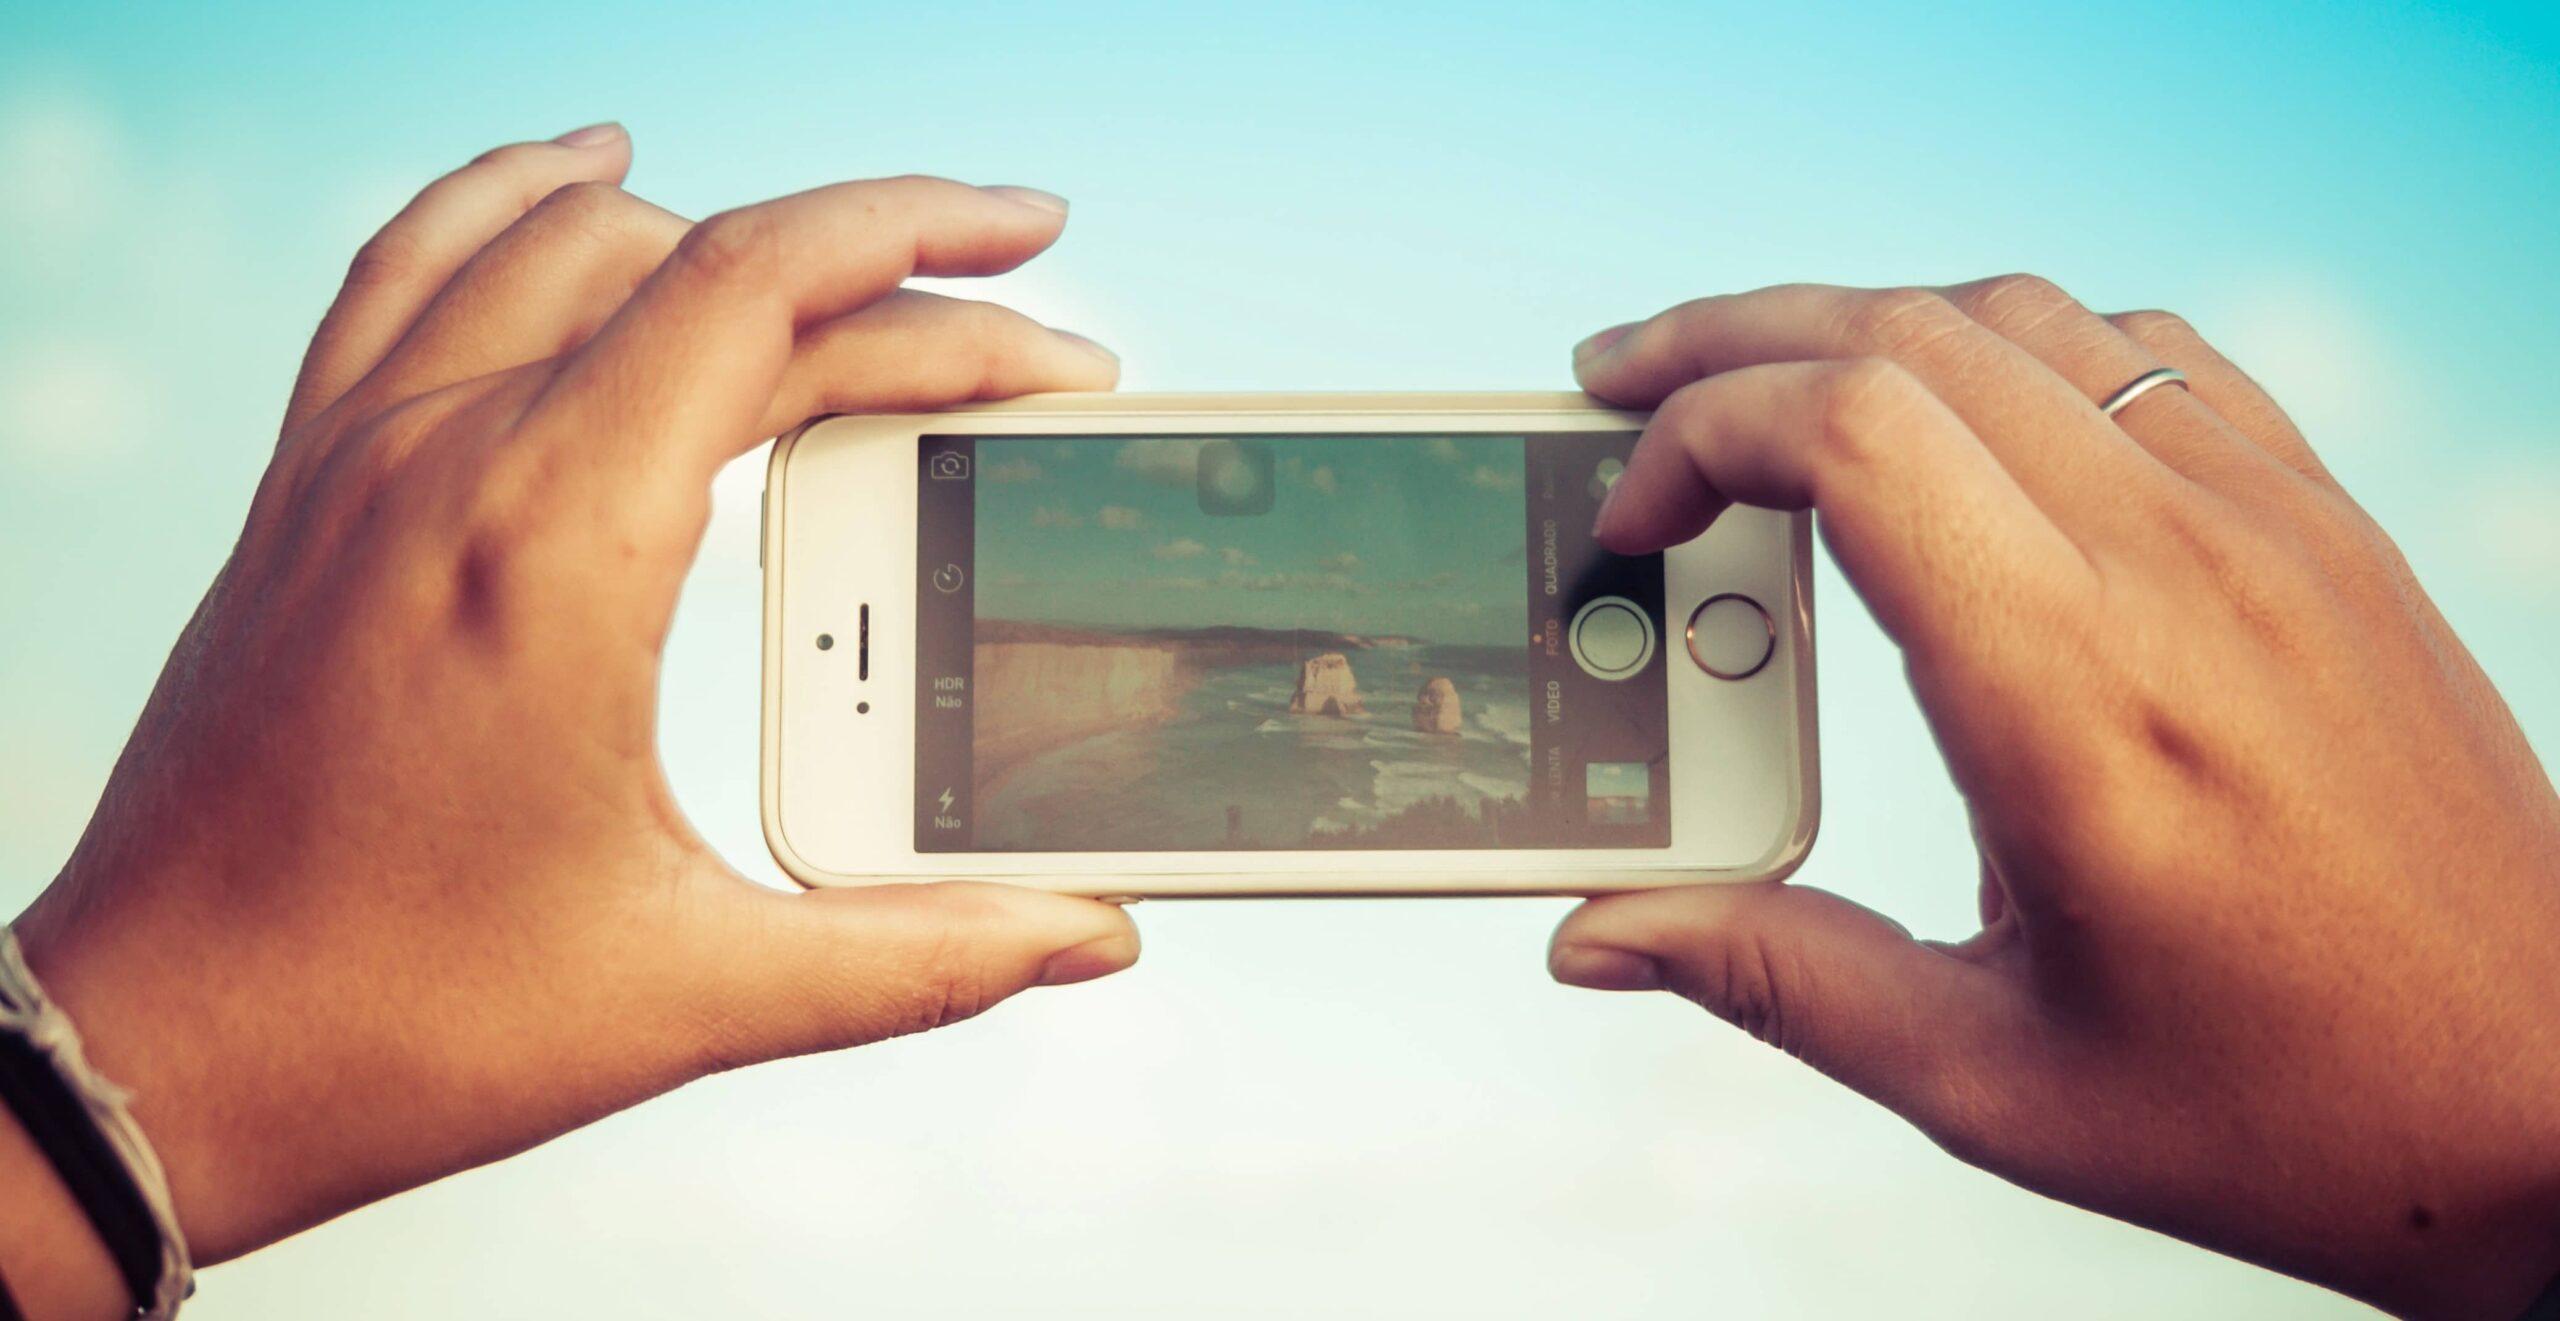 utilisation de données mobiles